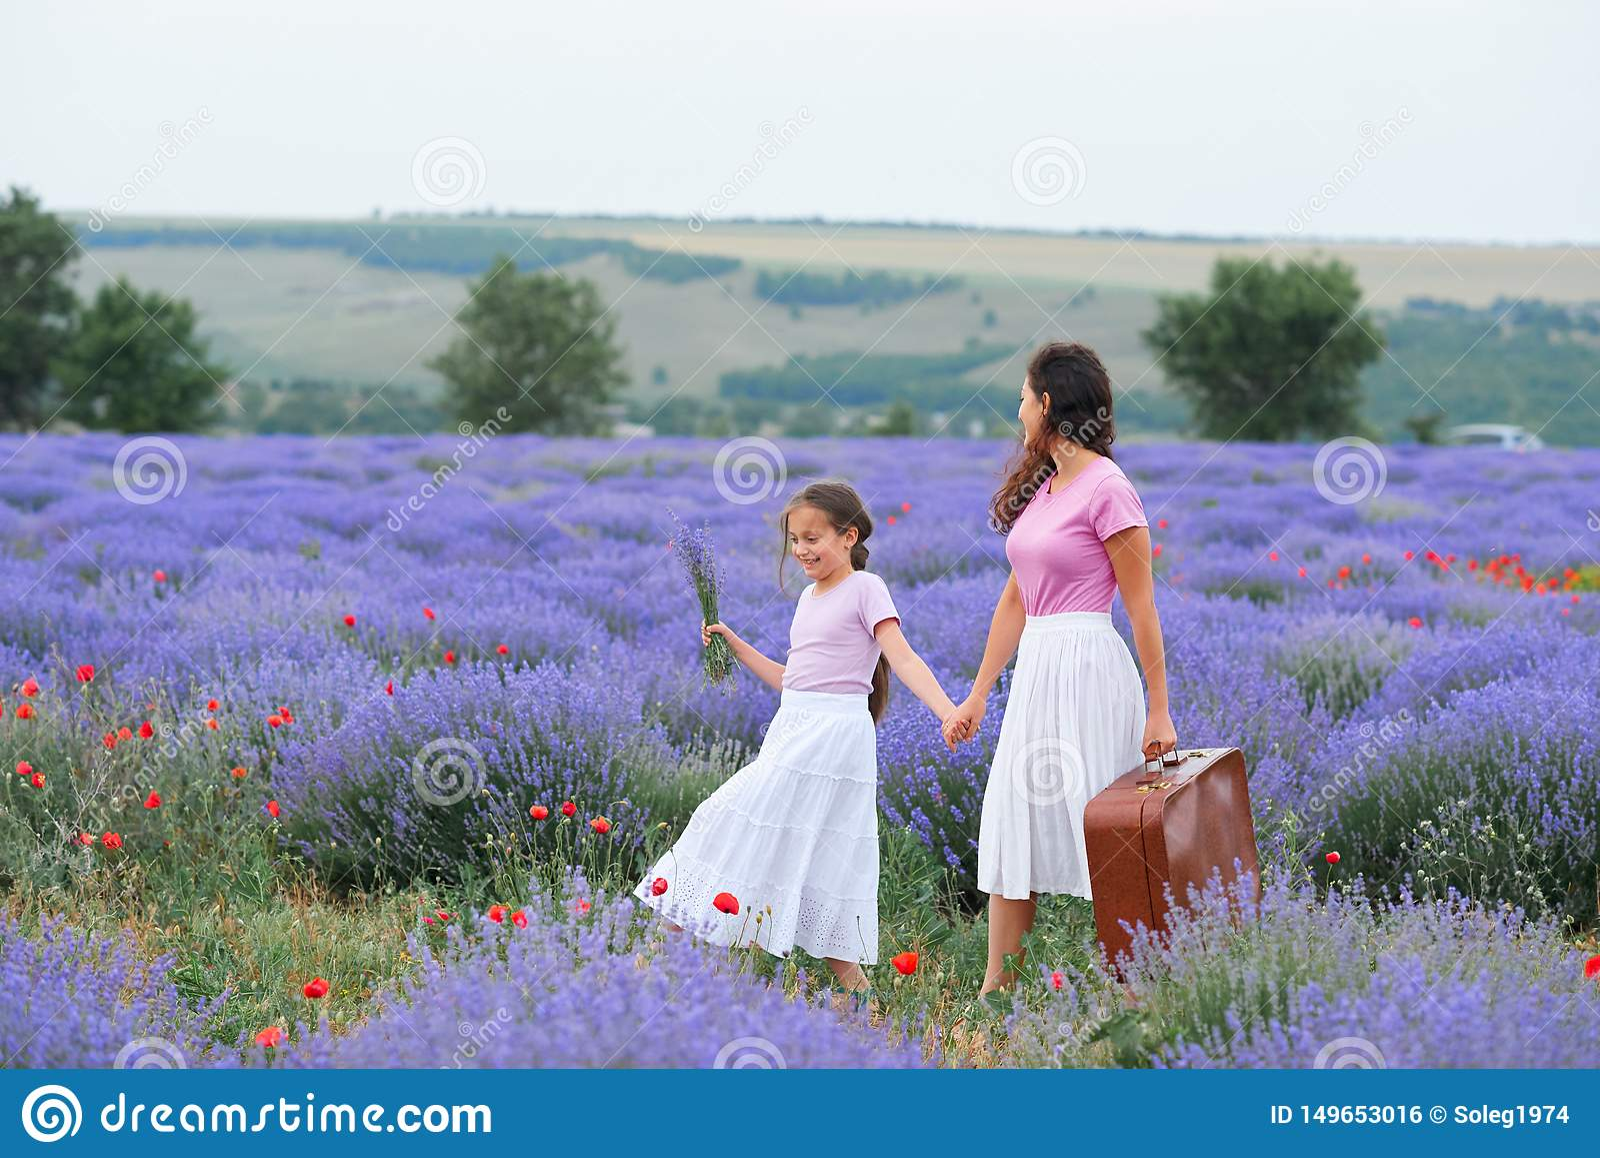 M?oda kobieta i dziewczyna chodzimy przez lawendowego kwiatu pola, pi?kny lato krajobraz